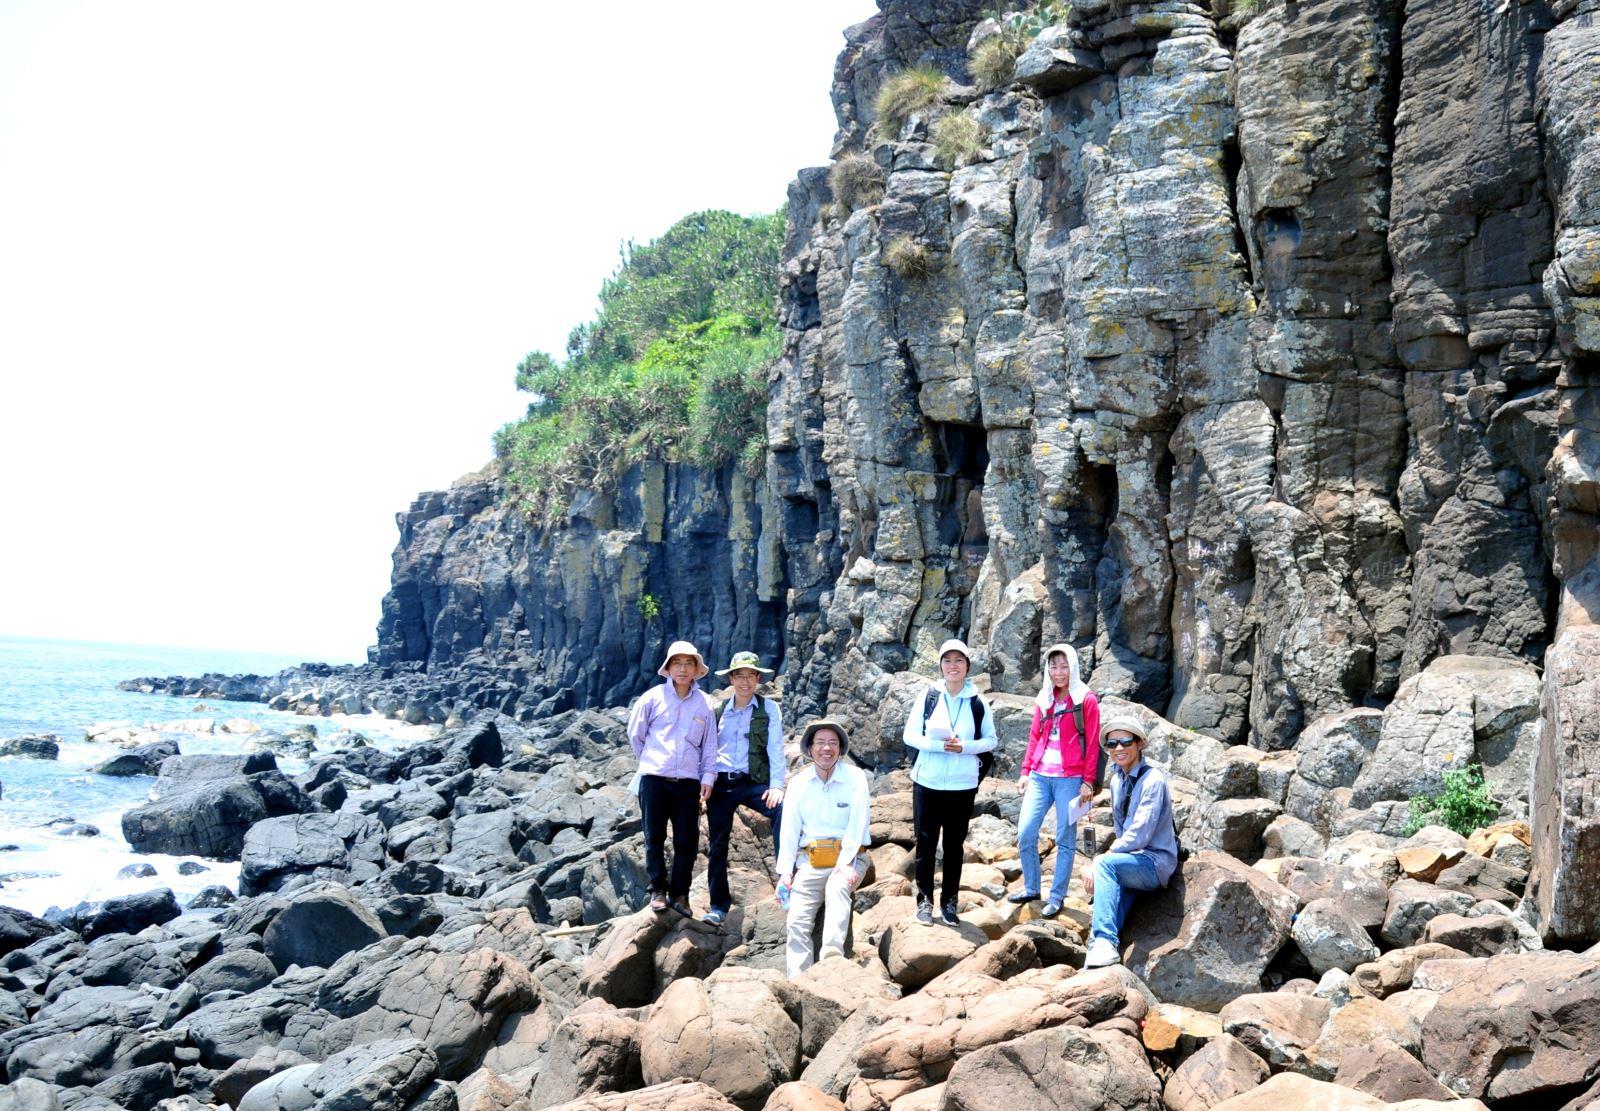 Viện Khoa học Địa chất và Khoáng sản Khảo sát địa chất ở Ba Làng An, tỉnh Quảng Ngãi